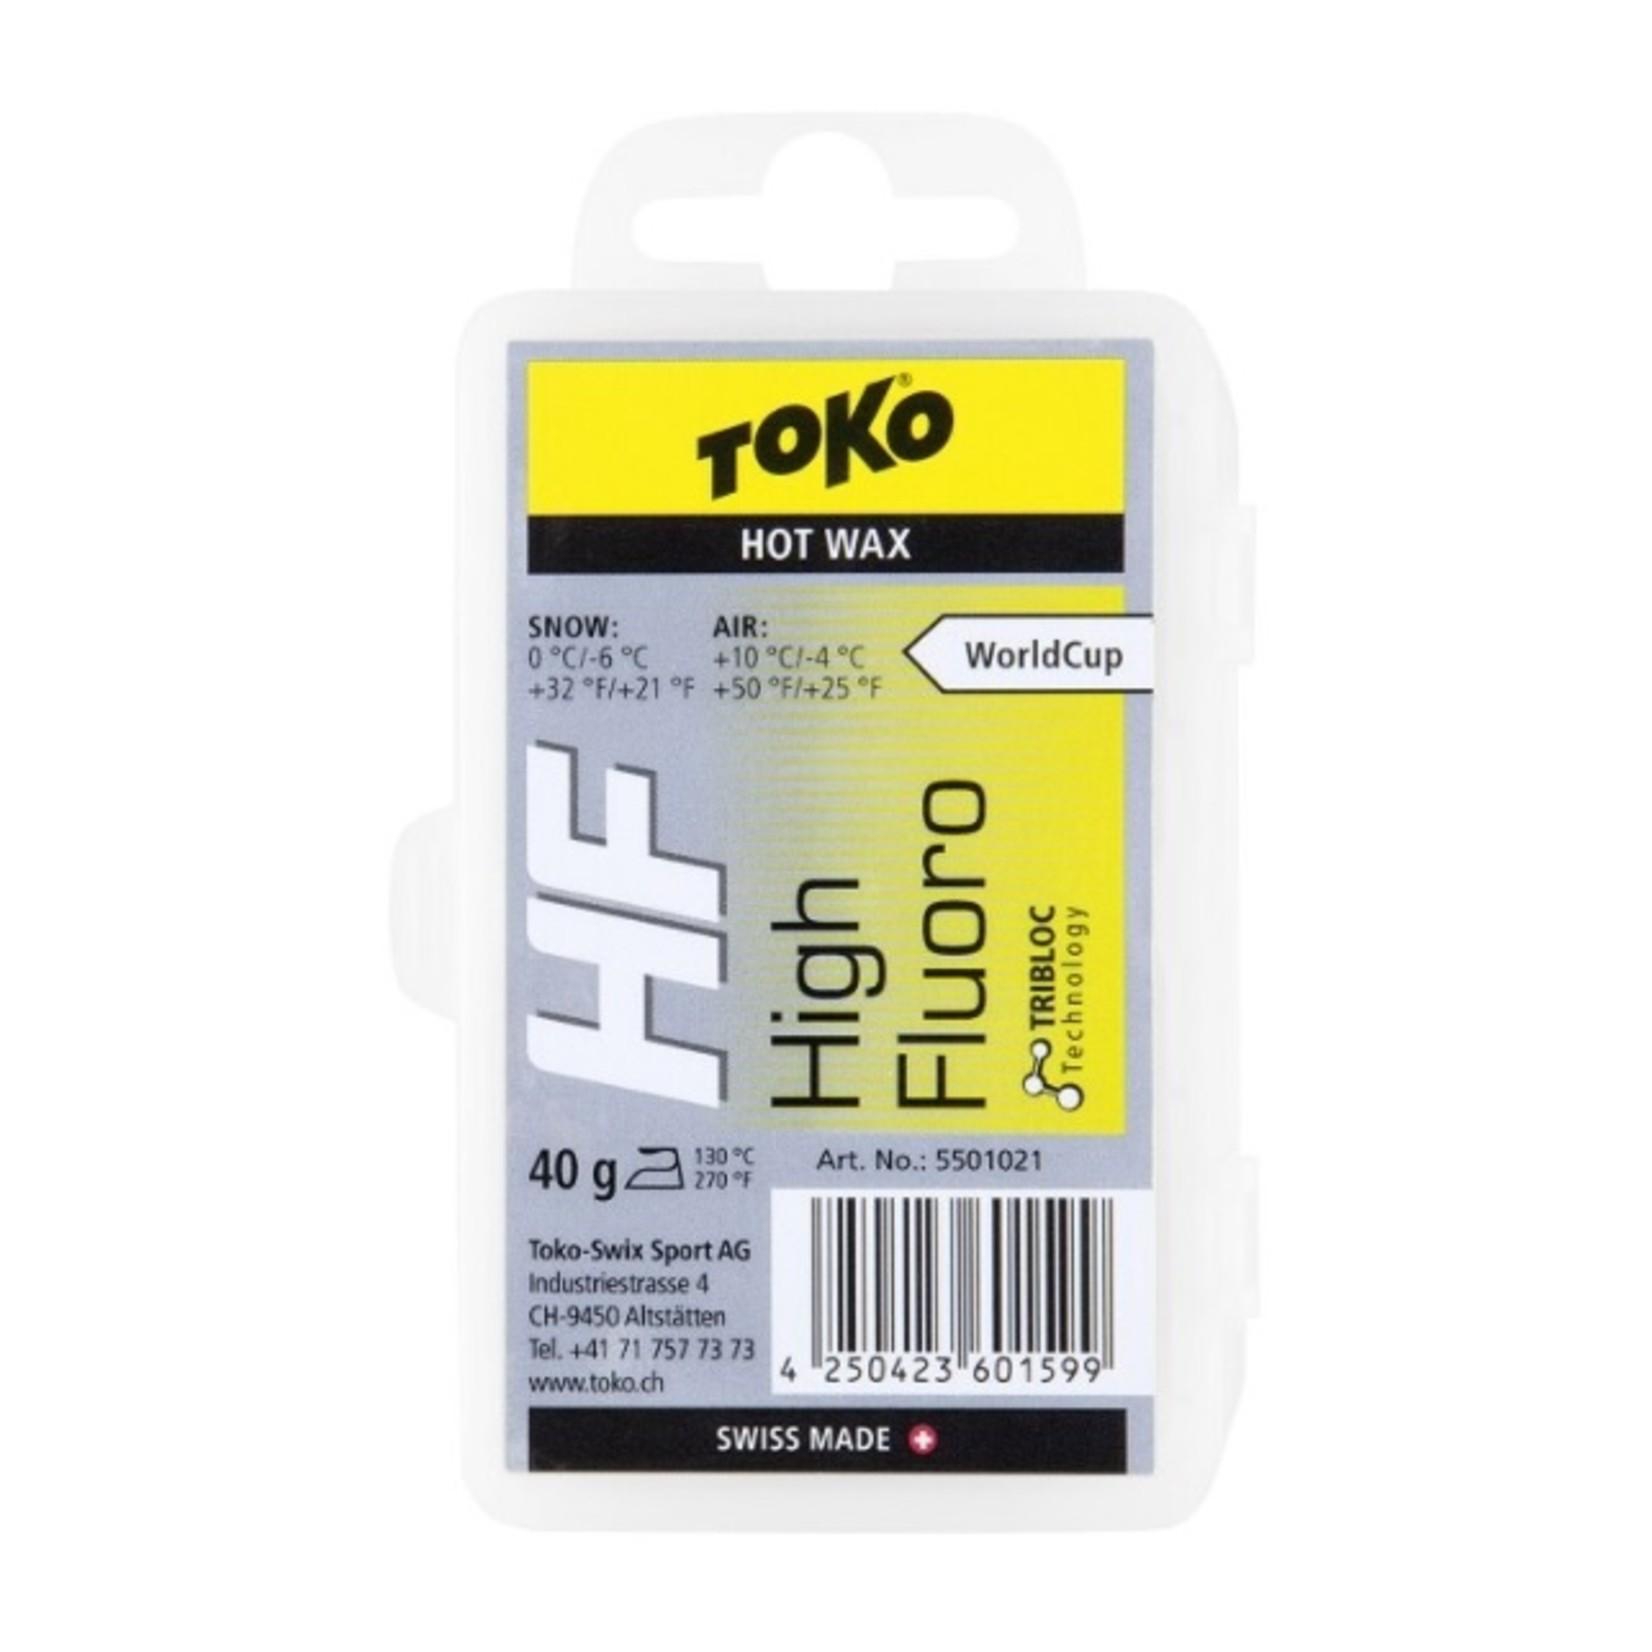 Toko Toko HF Wax Yellow (0 to -6), 40g